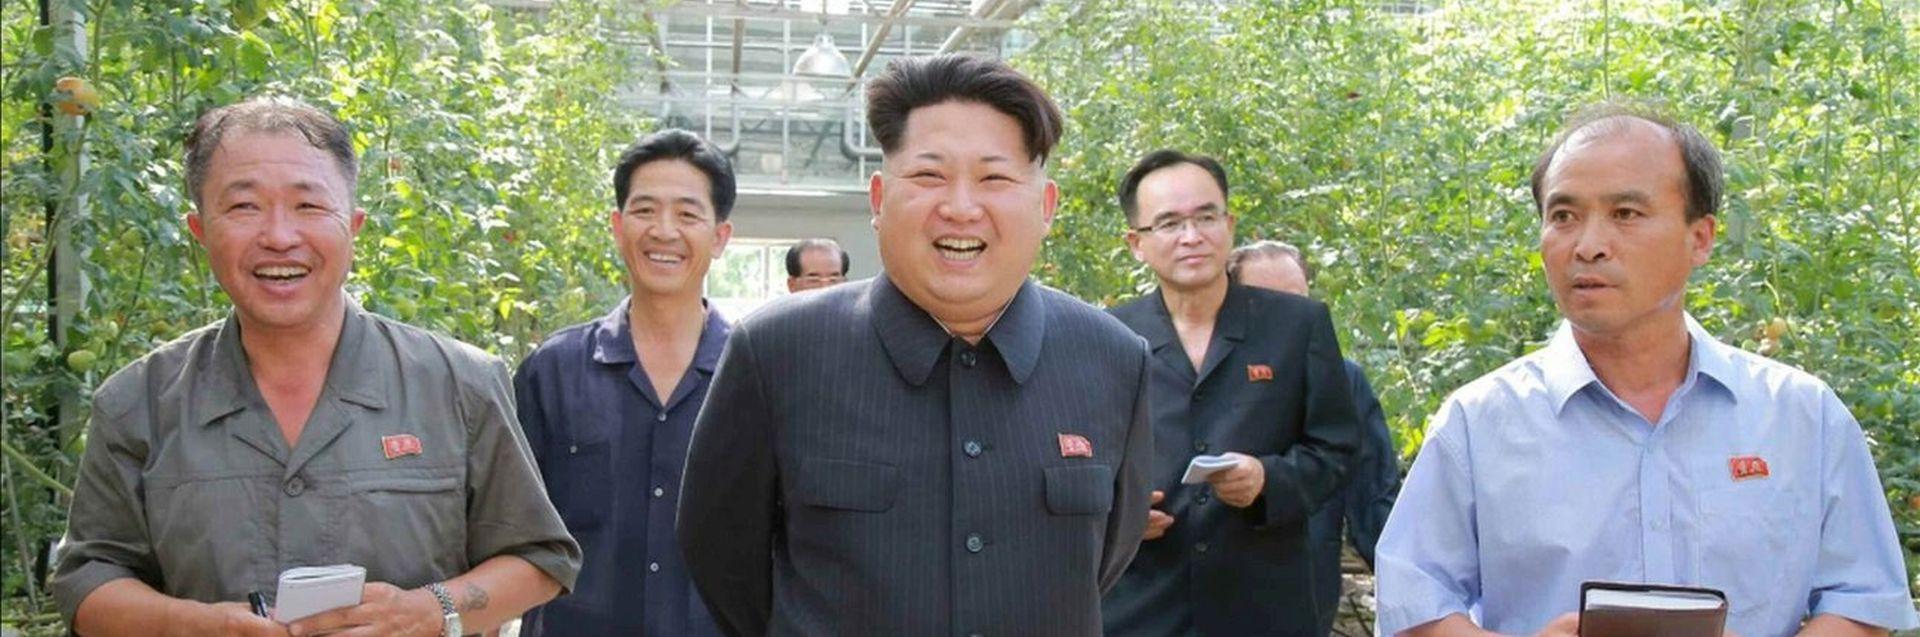 Južna Koreja voljna pregovarati o zahtjevu Sjeverne za ukidanjem sankcija